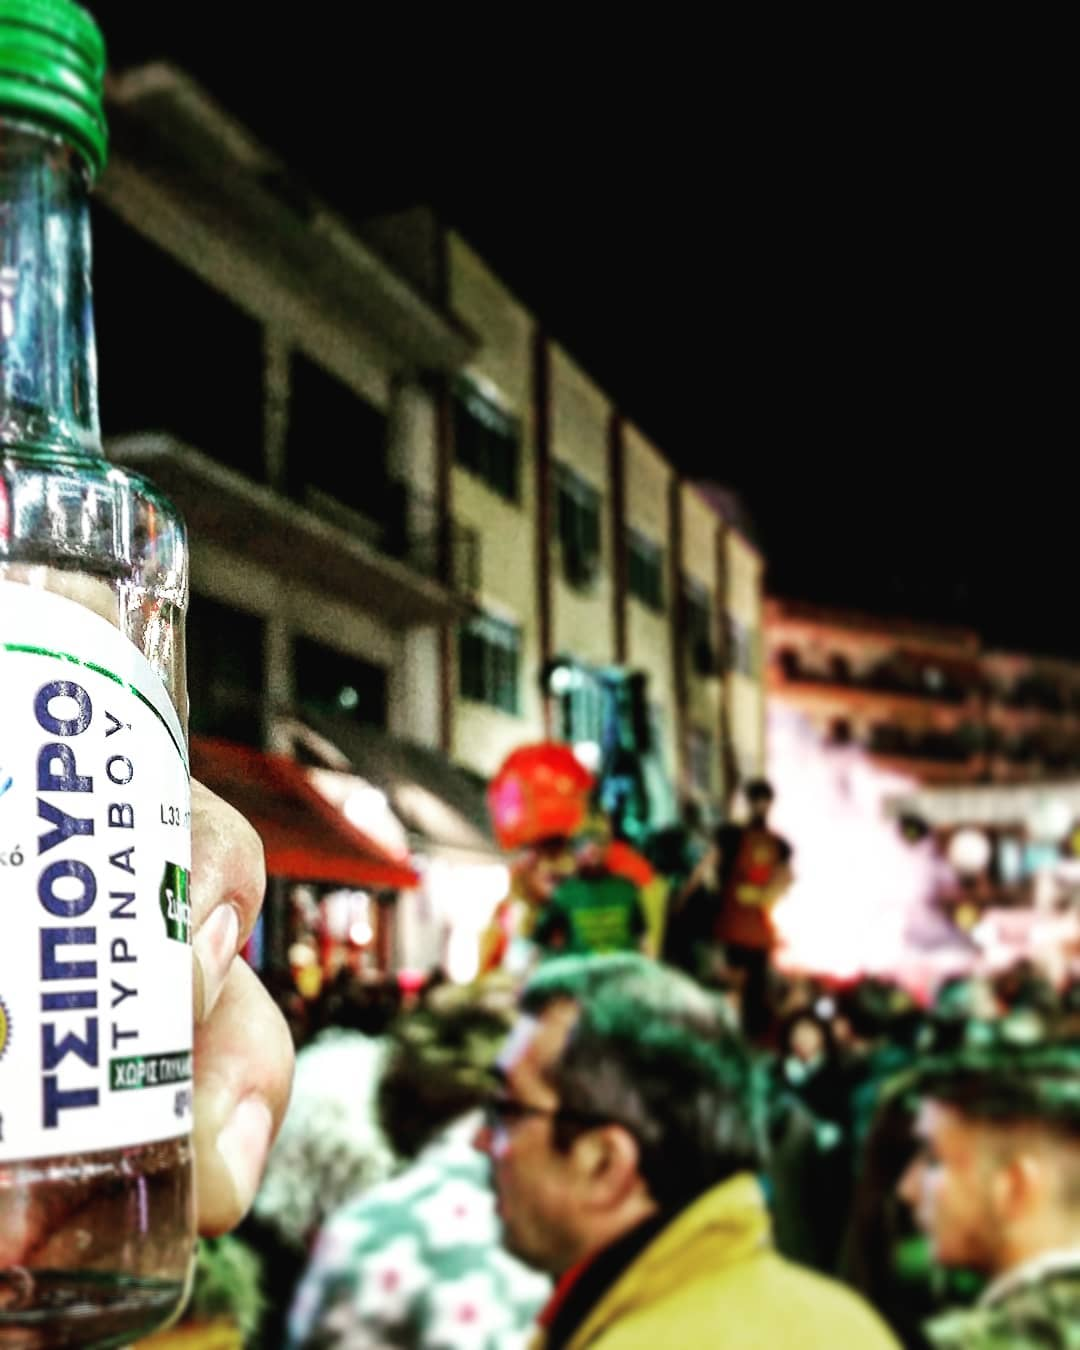 28154553 457790324637035 8391148151033036800 n - Όλα όσα έγιναν στο καρναβάλι του Τυρνάβου μέσα από το Instagram!